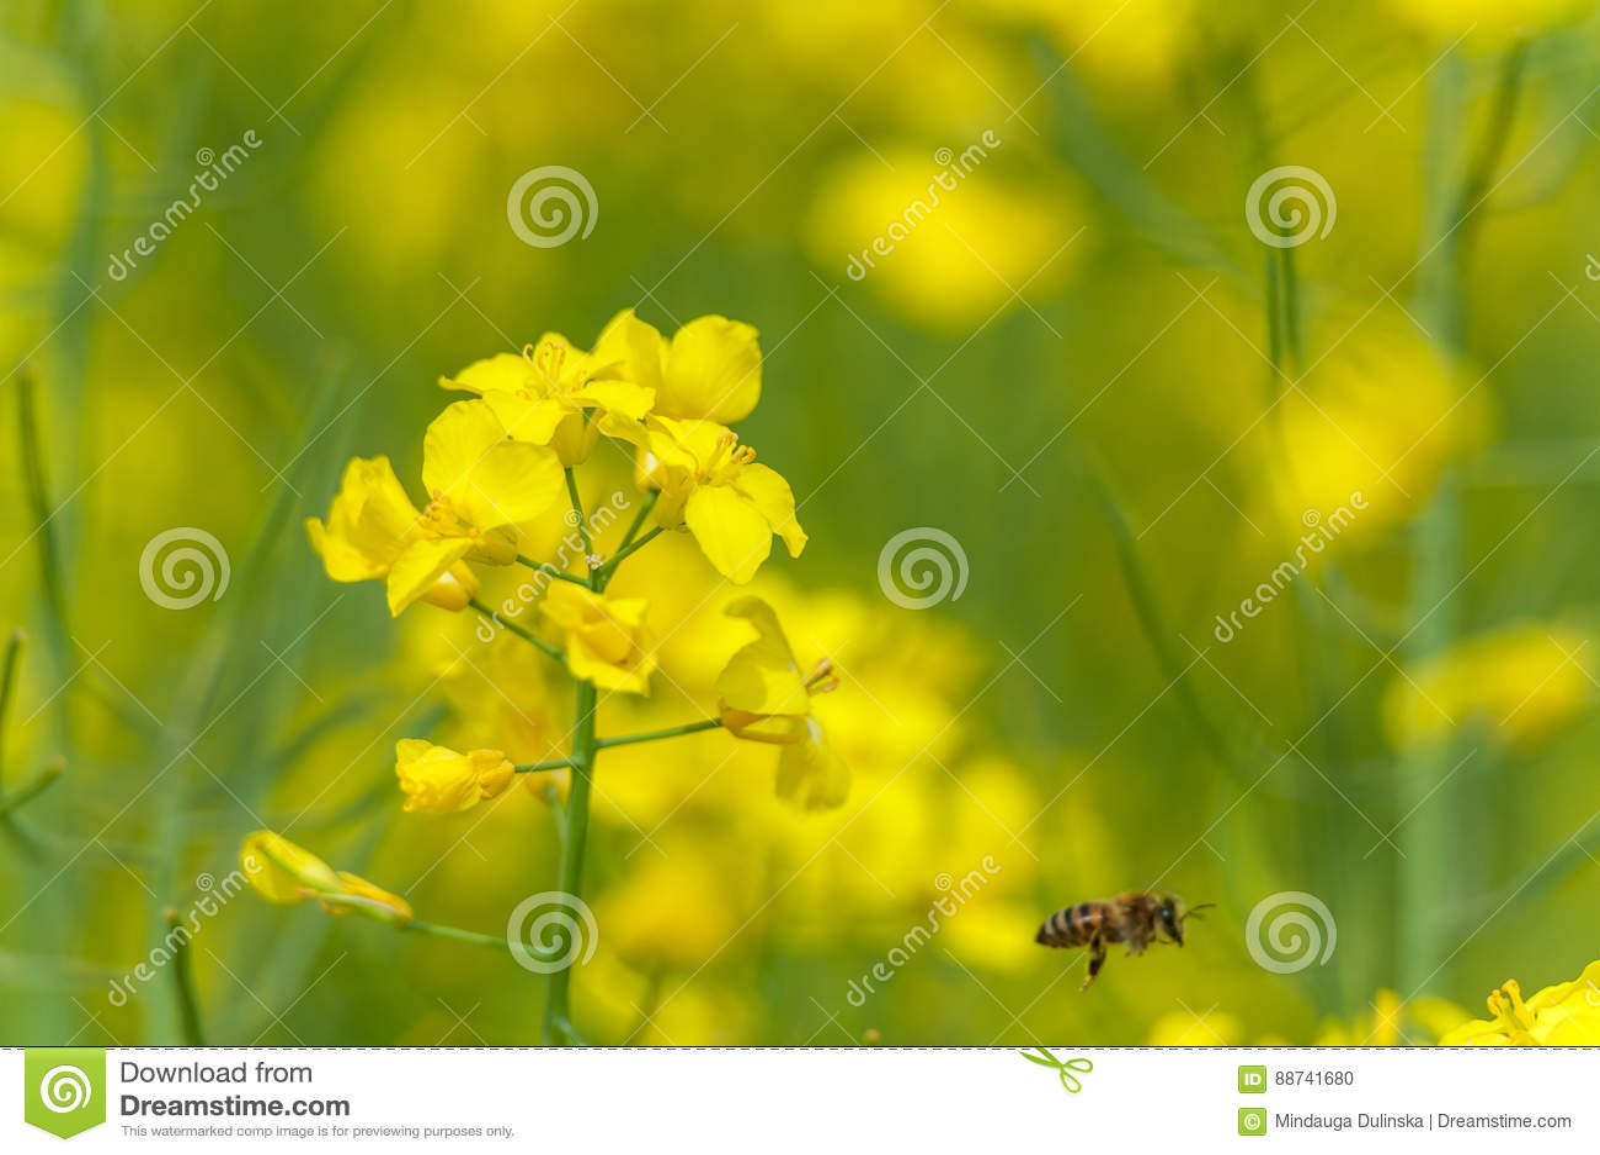 macro rapeseed field blurry bee in background beacause of flying